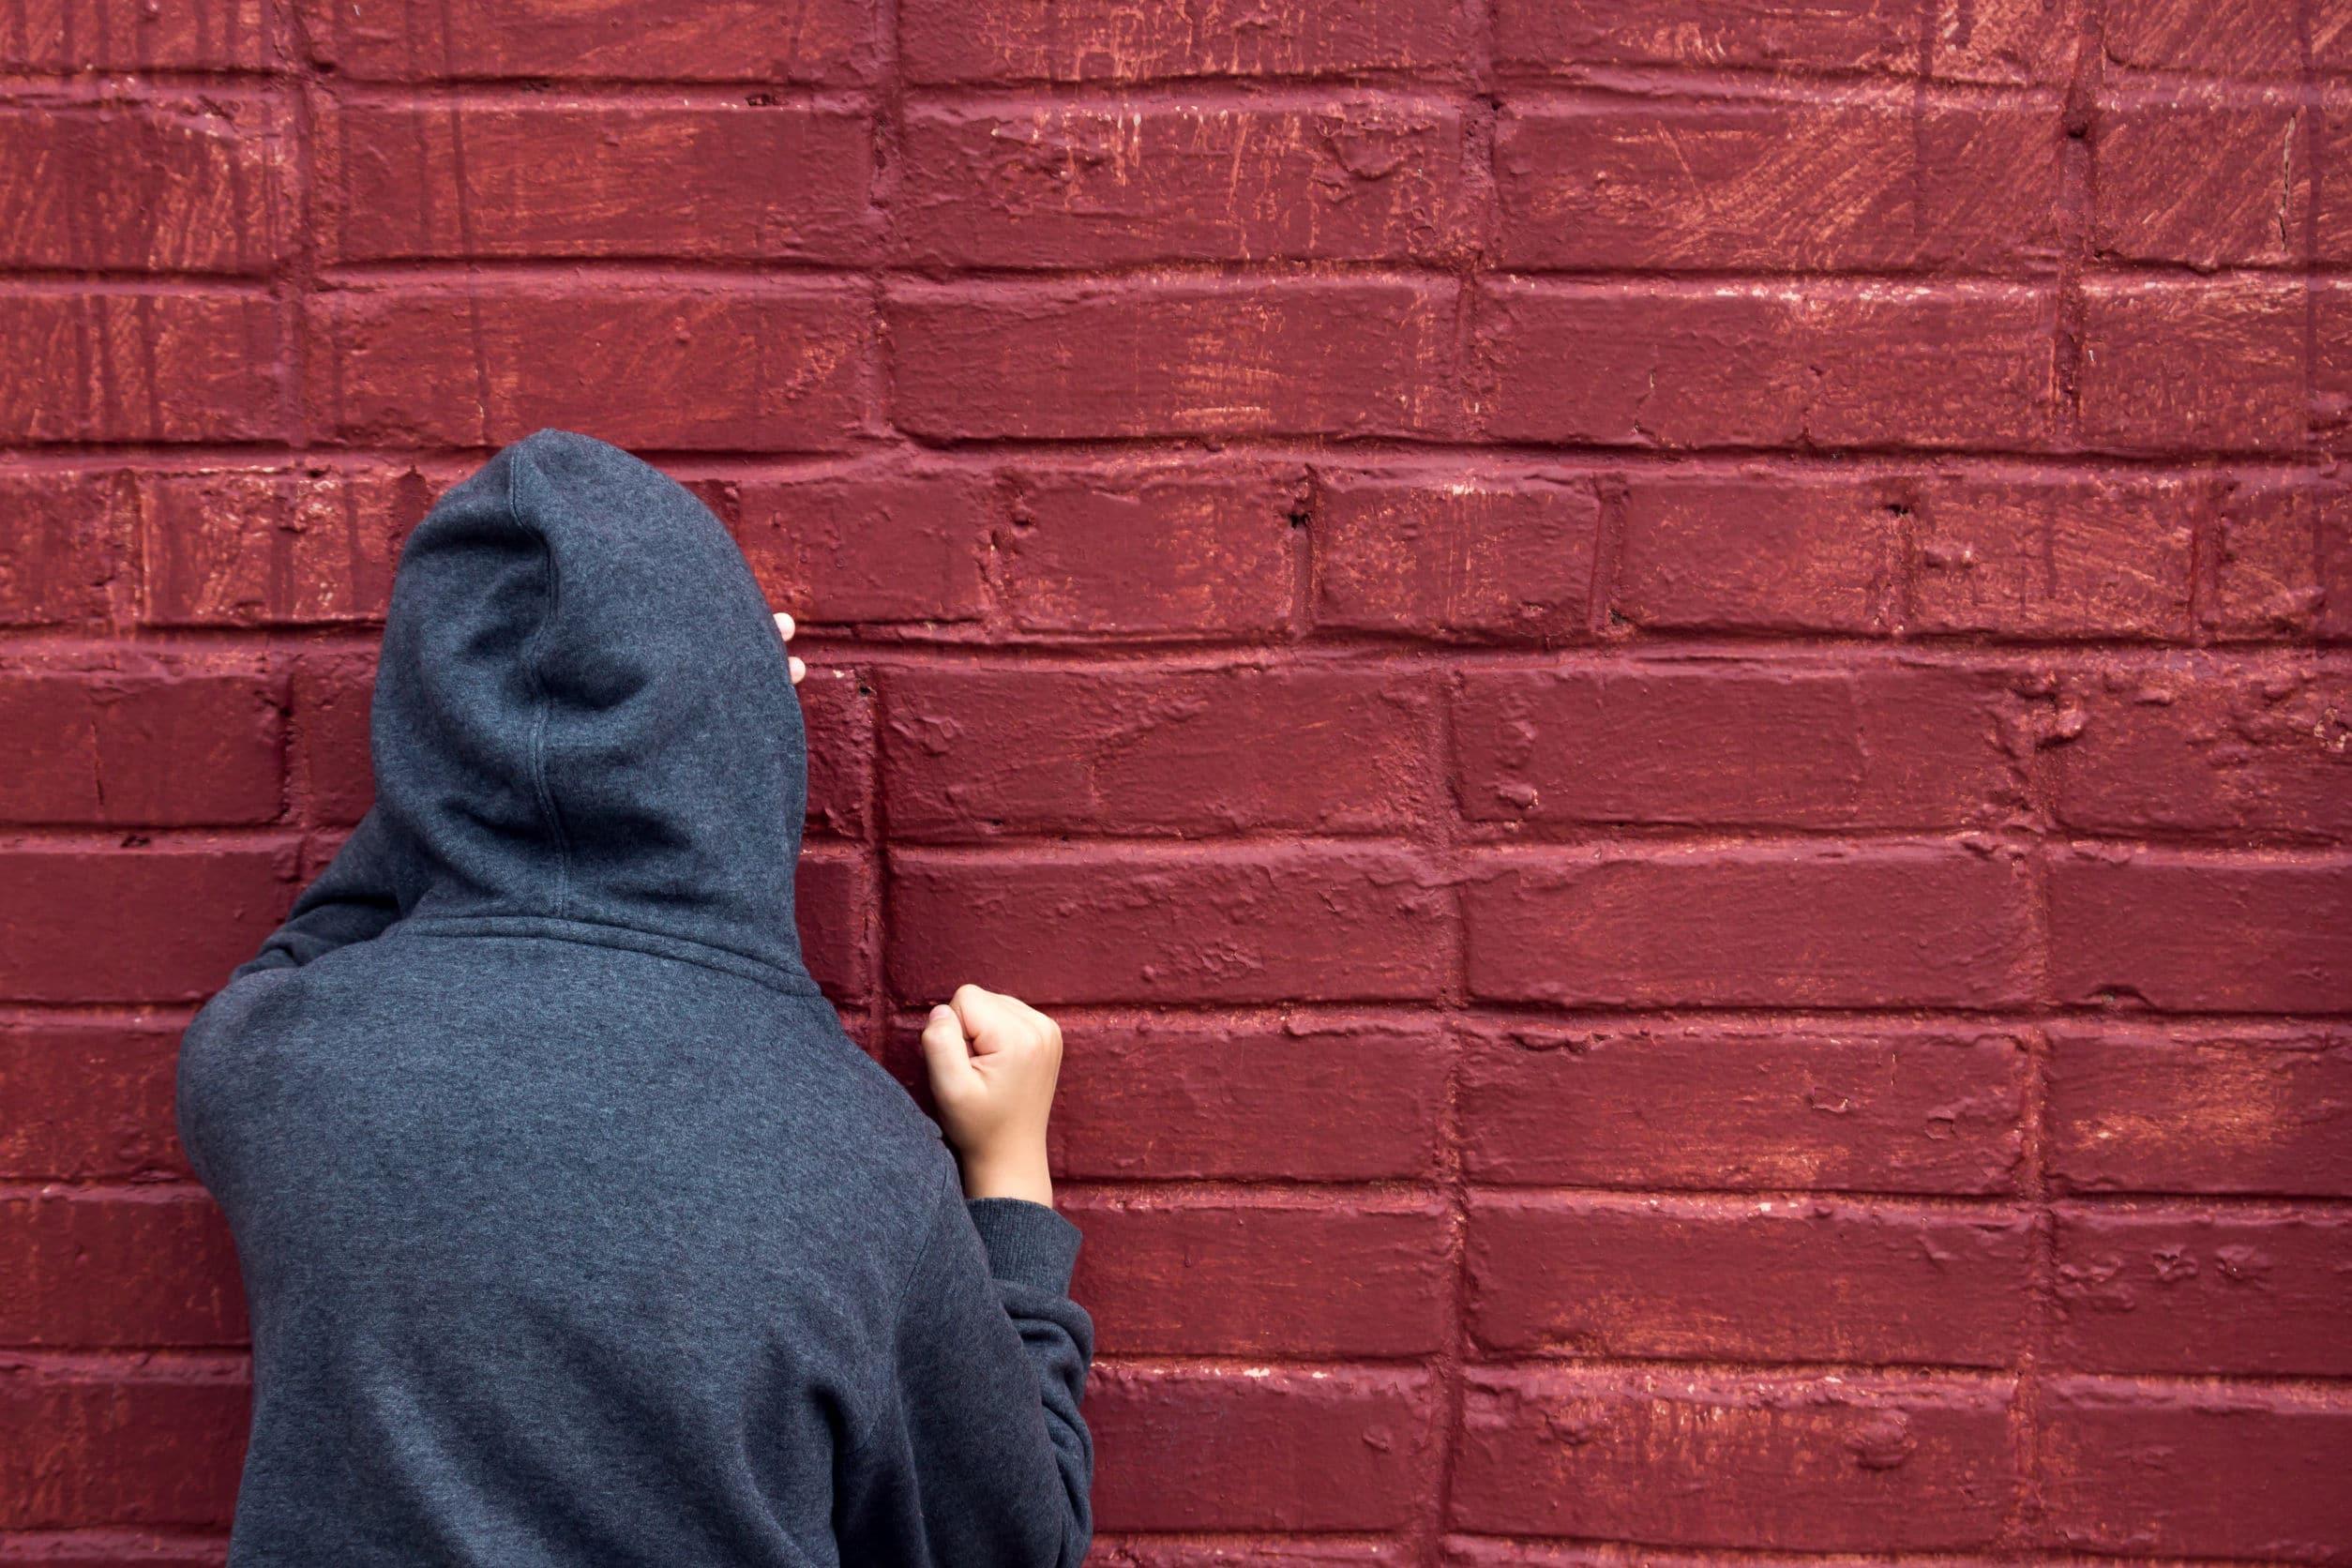 Homem de capuz com rosto apoiado na parede.